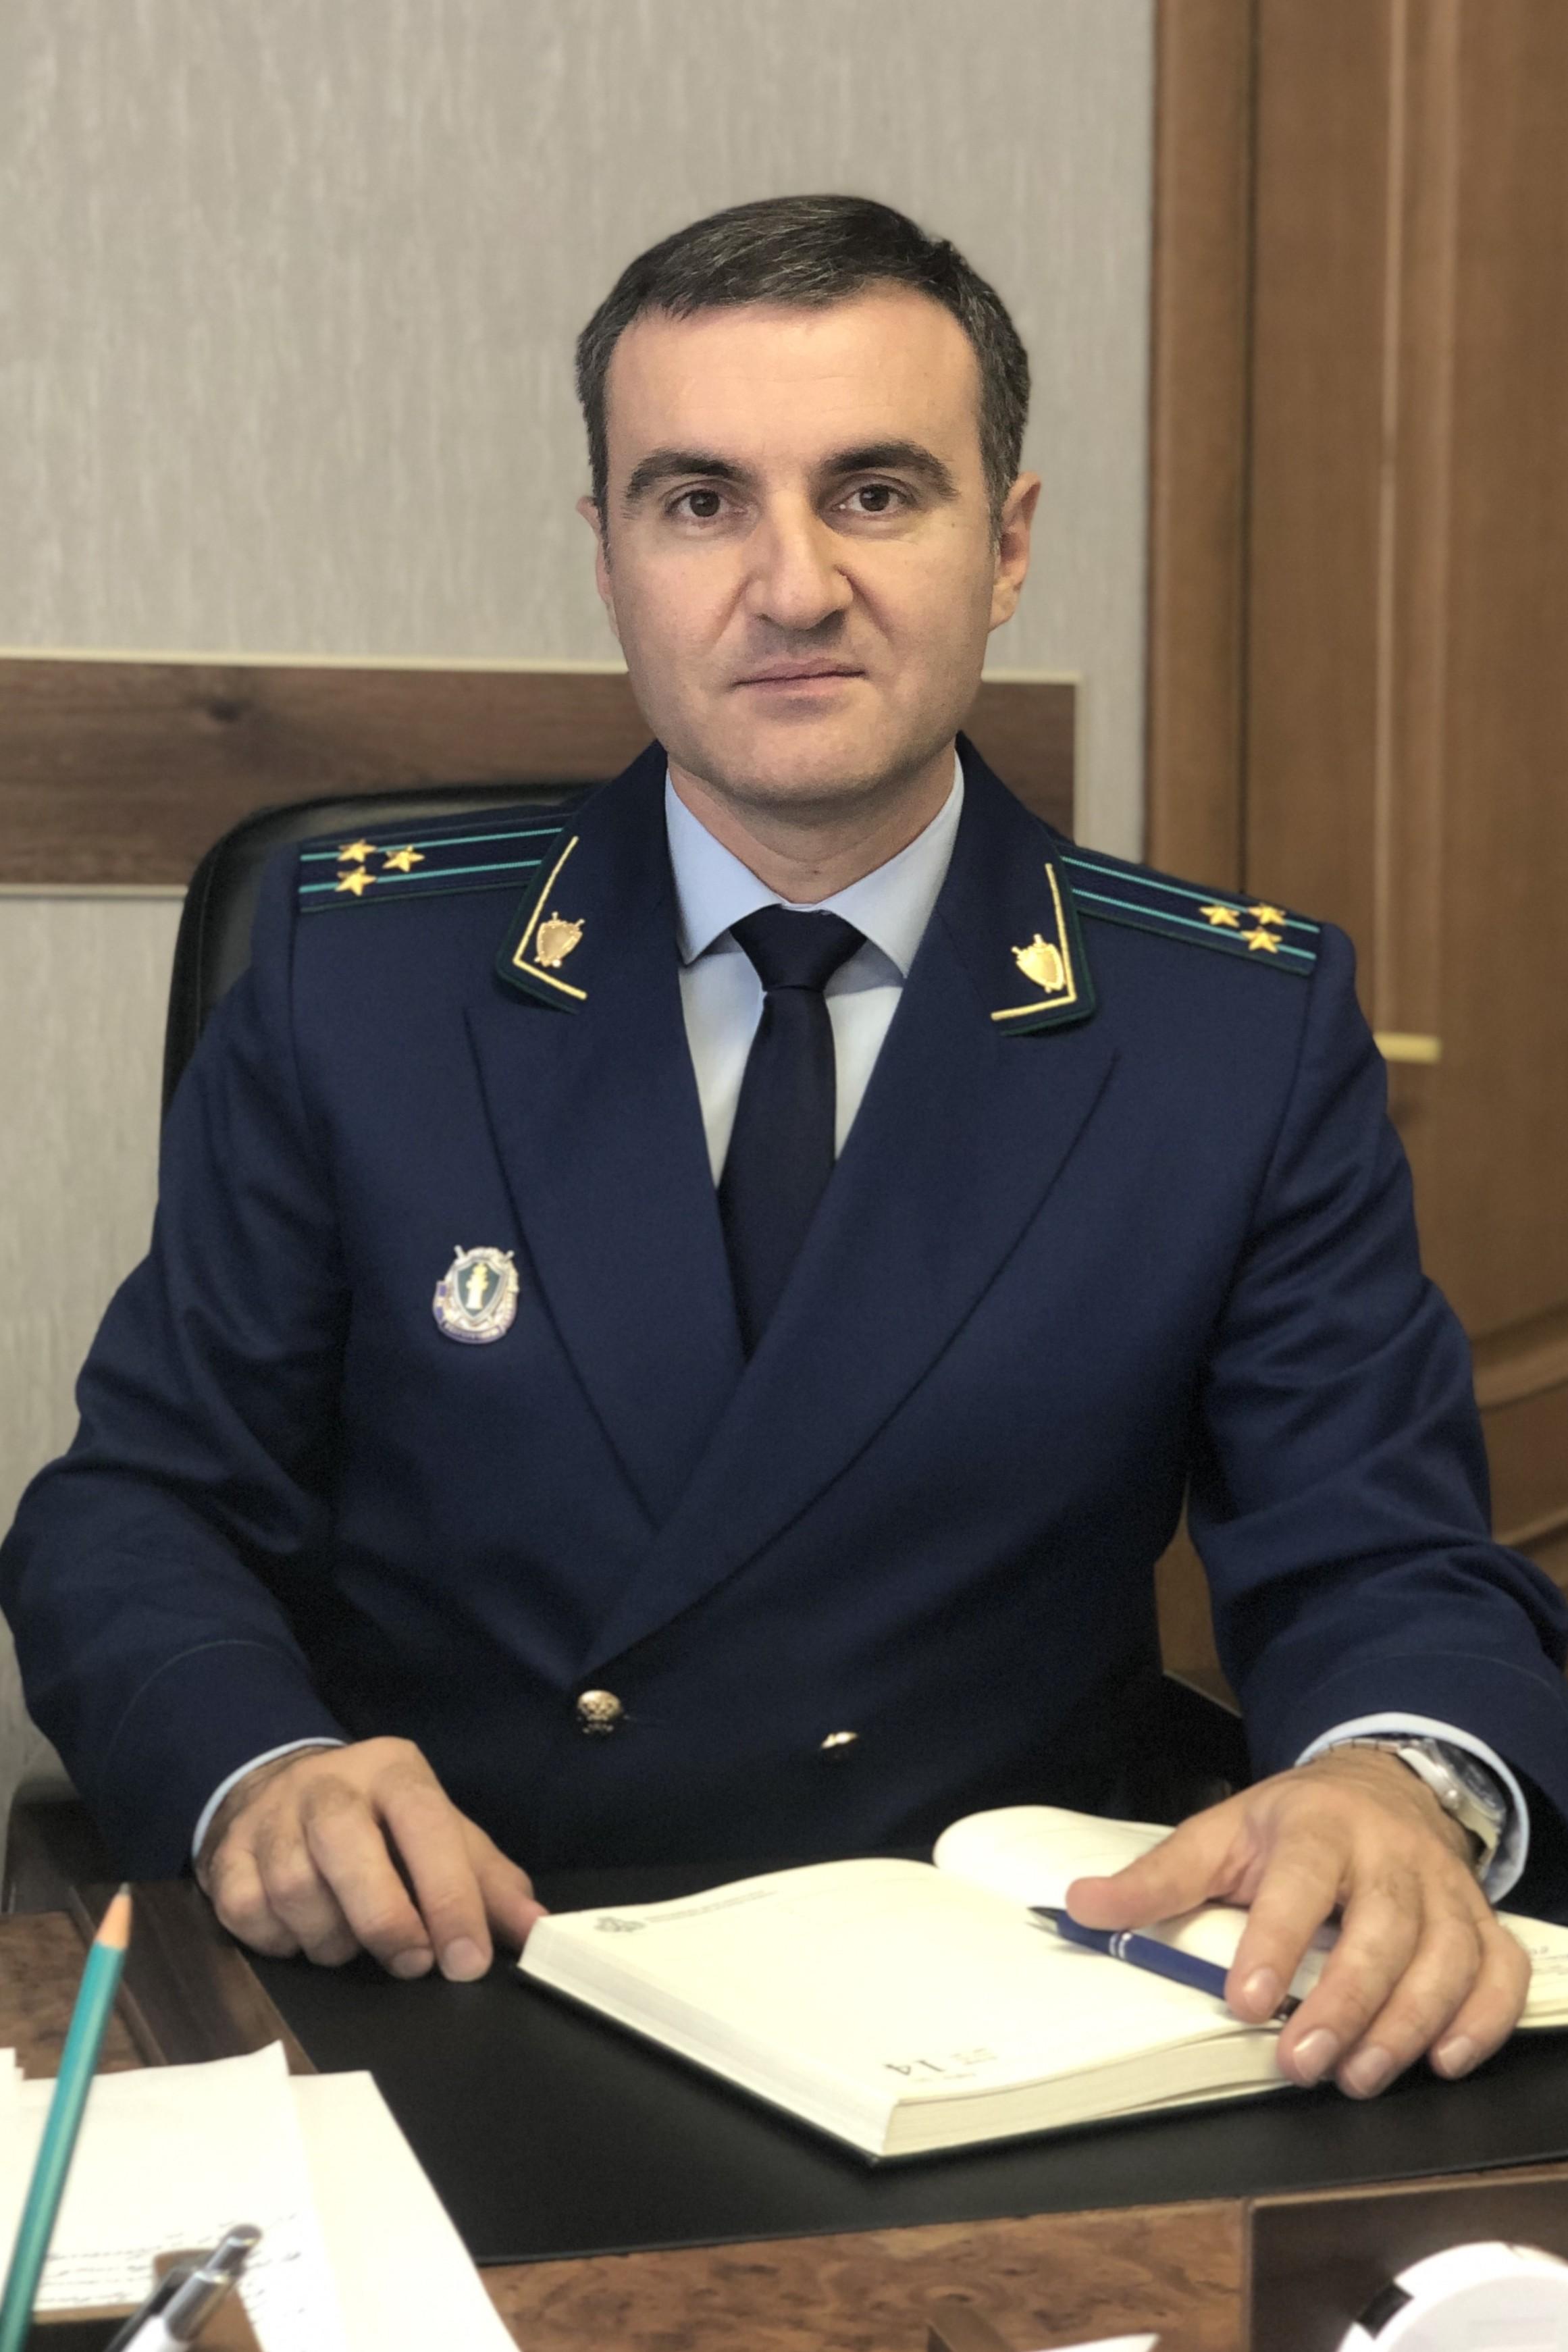 Заместитель прокурора Липецкой области